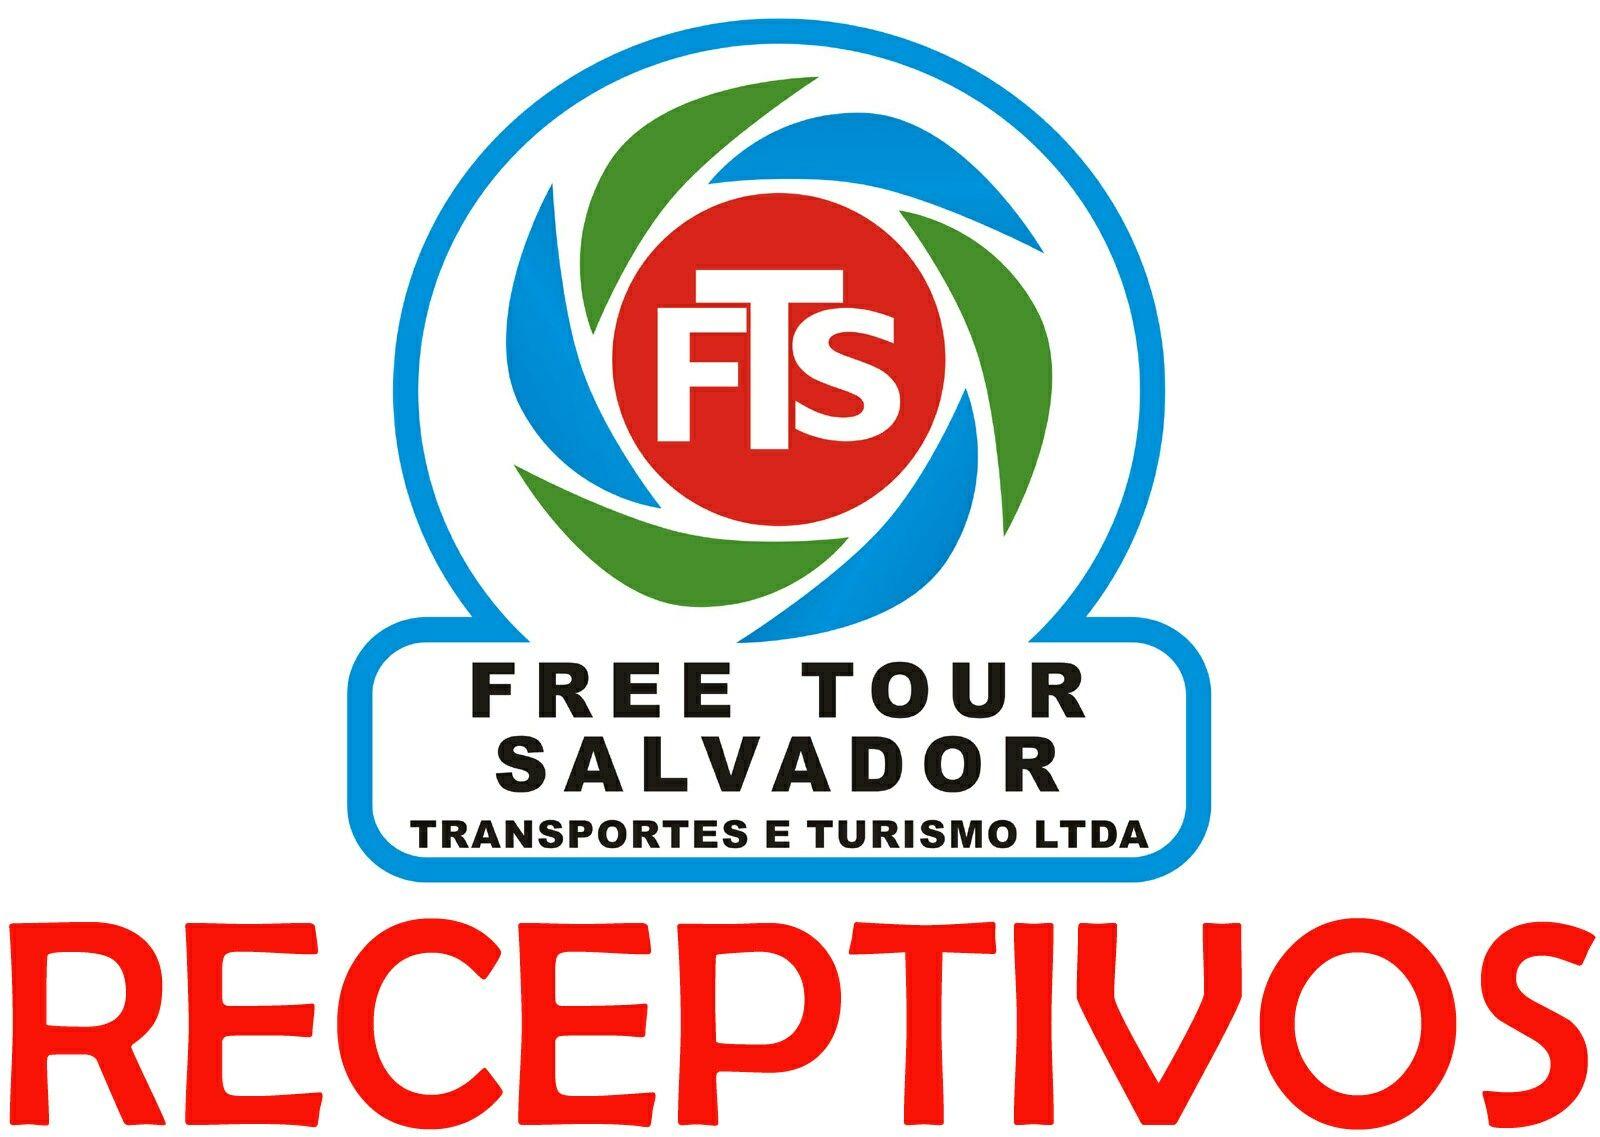 Traslados Em Salvador Aeroporto De Salvador Costa Do Sauipe E